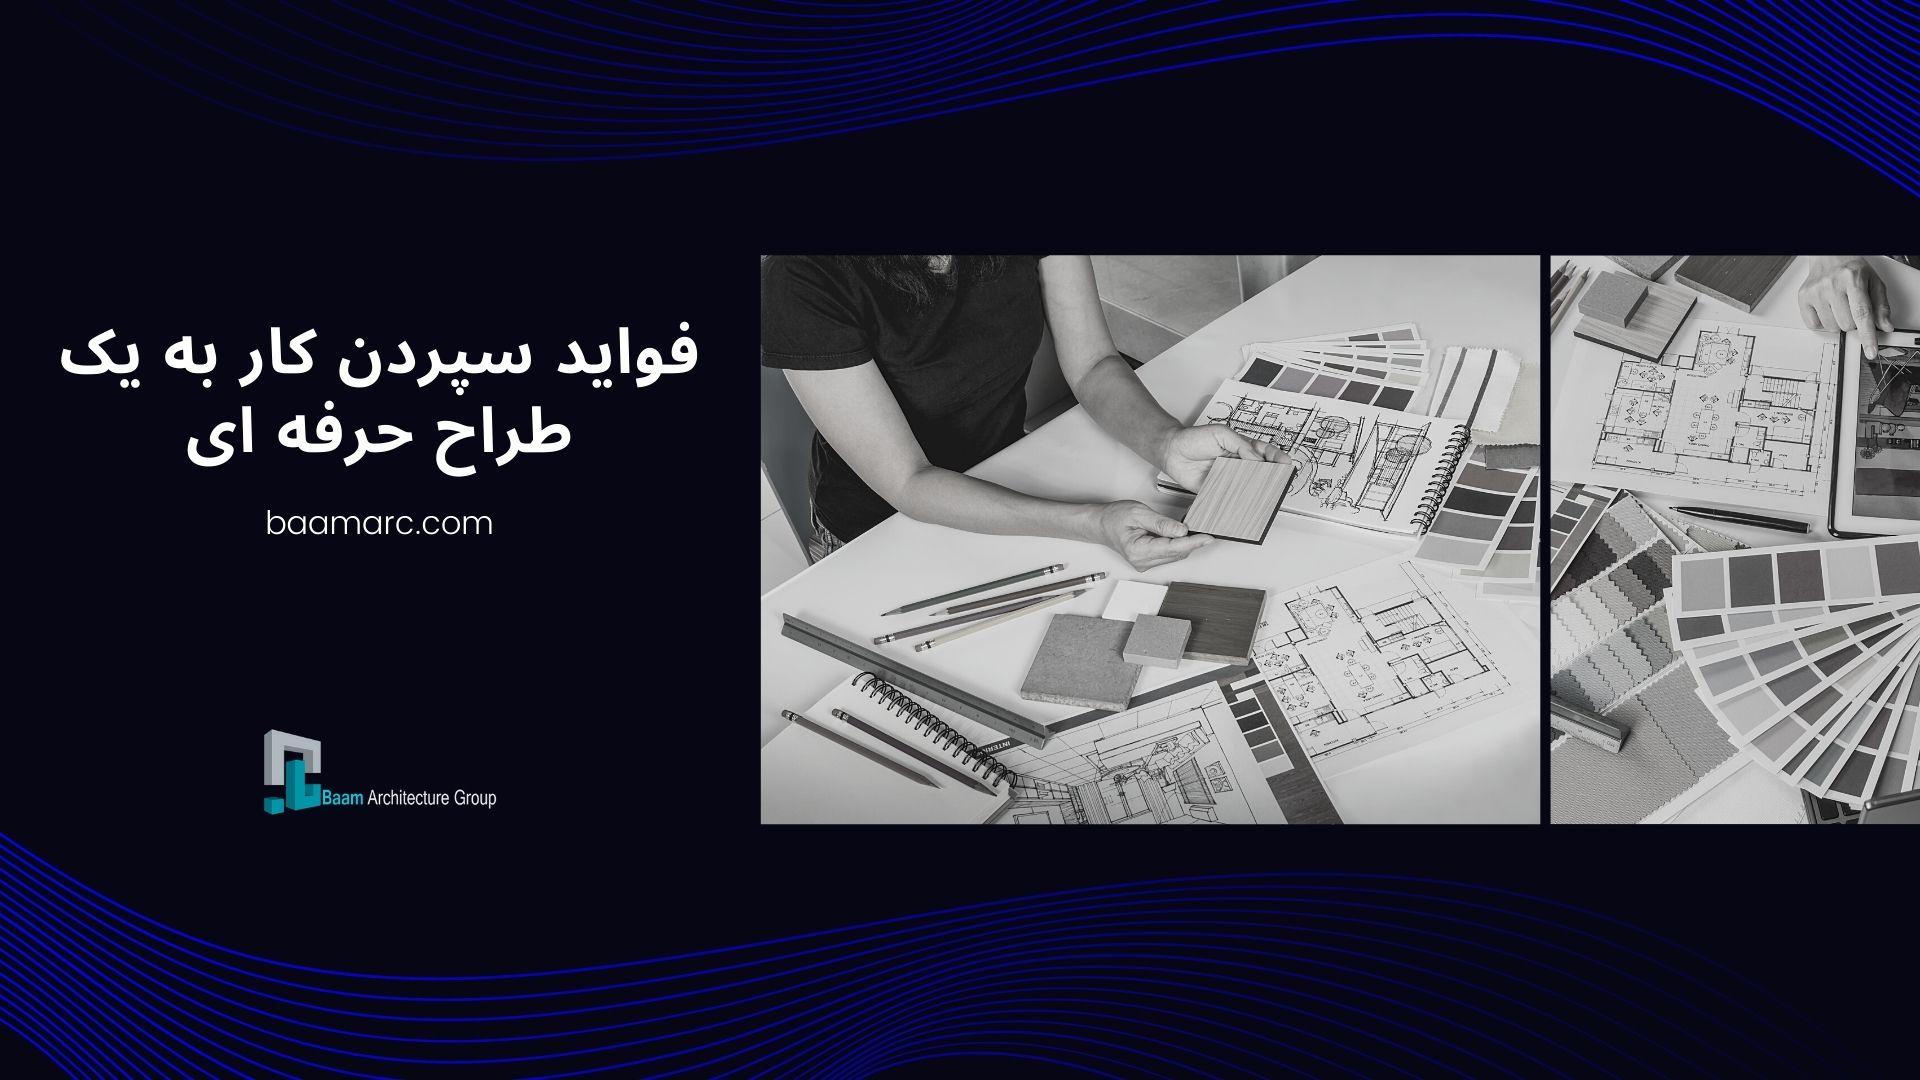 فواید سپردن کار به یک طراح حرفه ای: